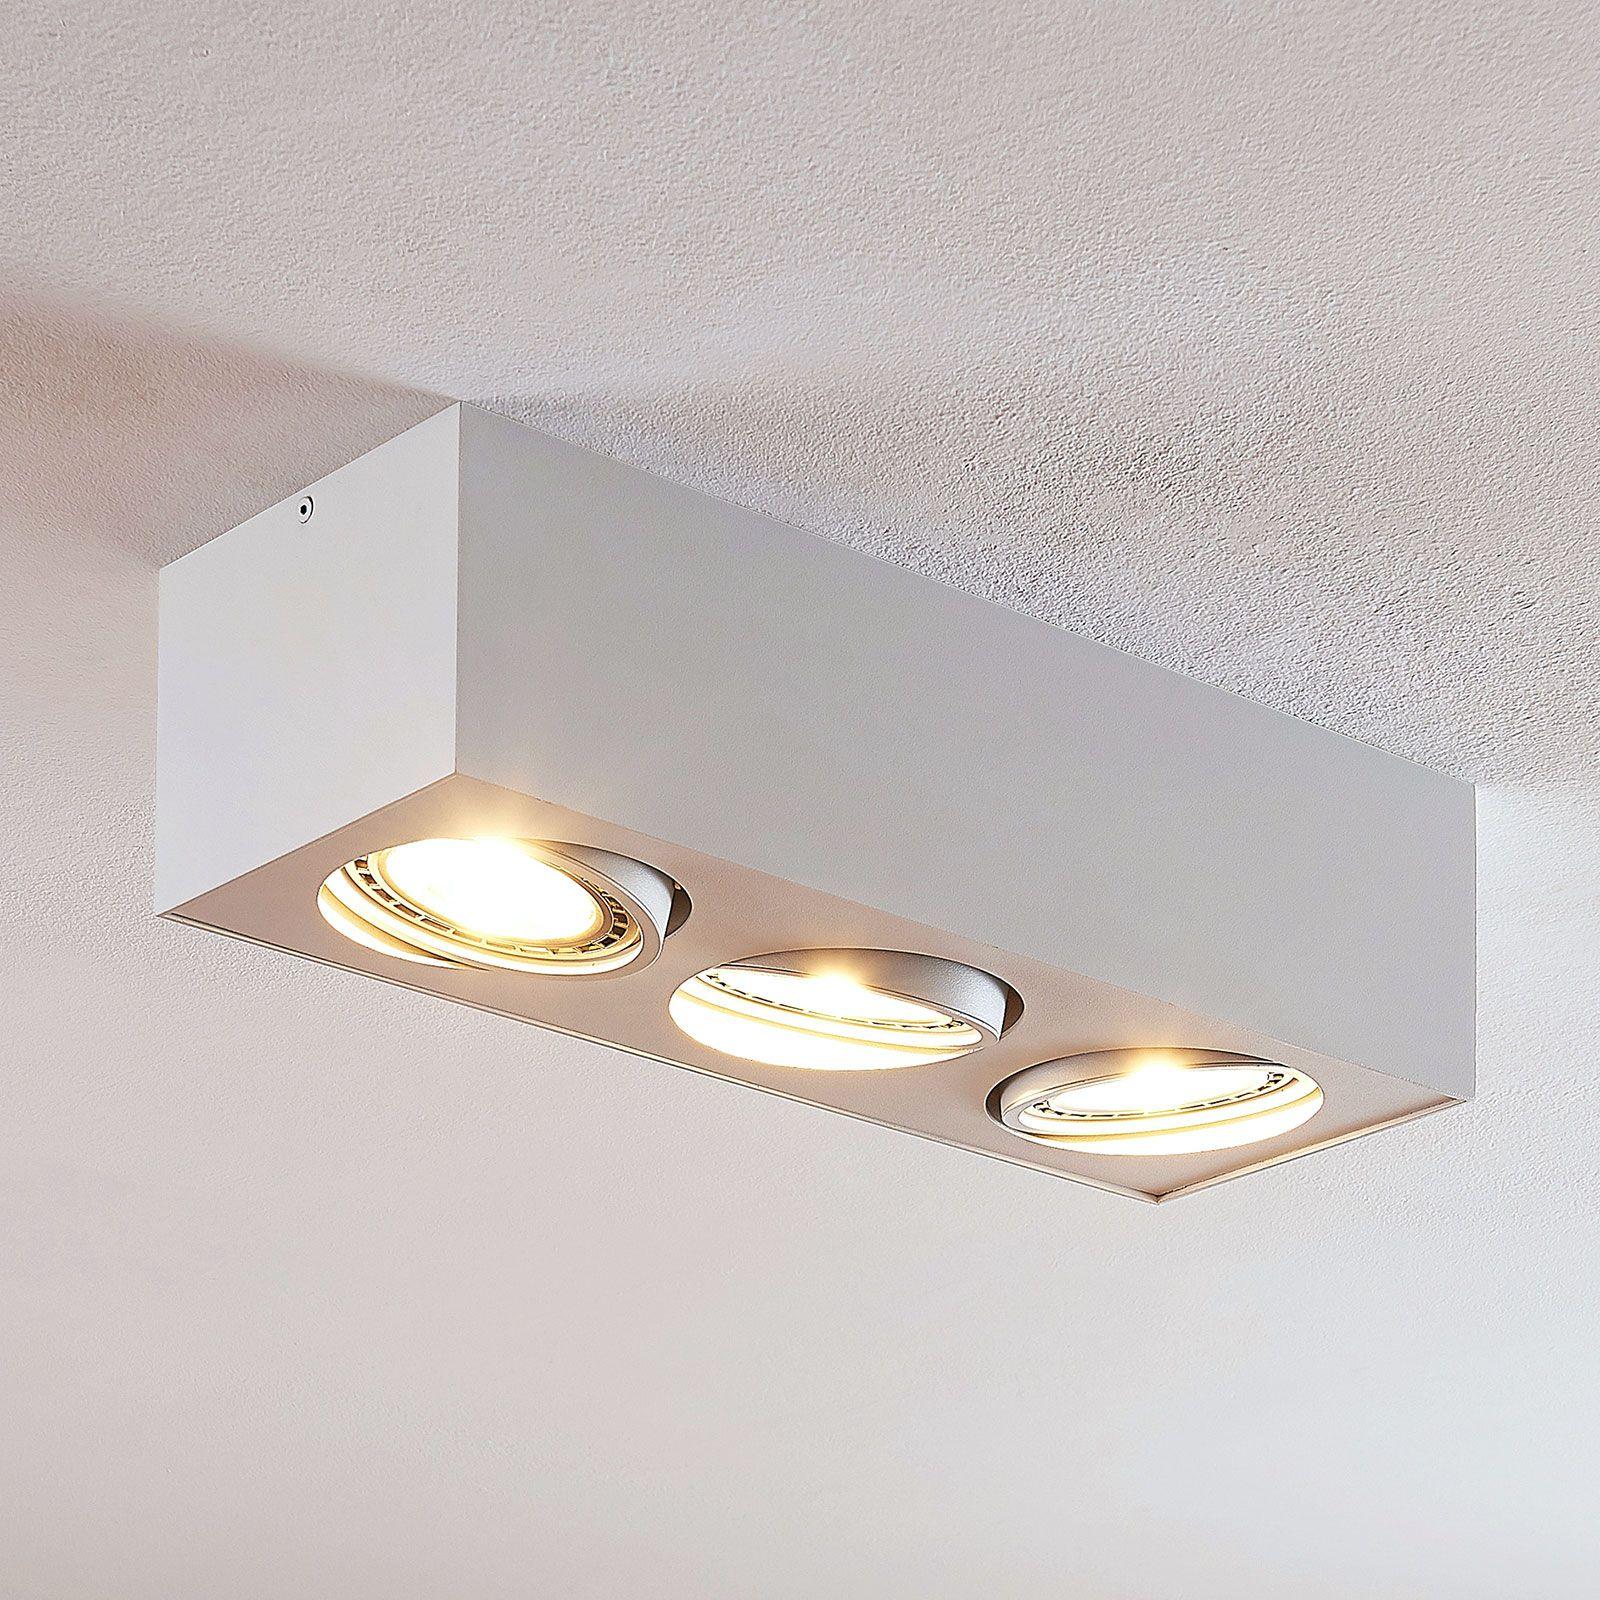 Arcchio Dwight Led Ceiling Lamp White 3 Bulb Led Deckenlampen Deckenlampe Led Deckenstrahler